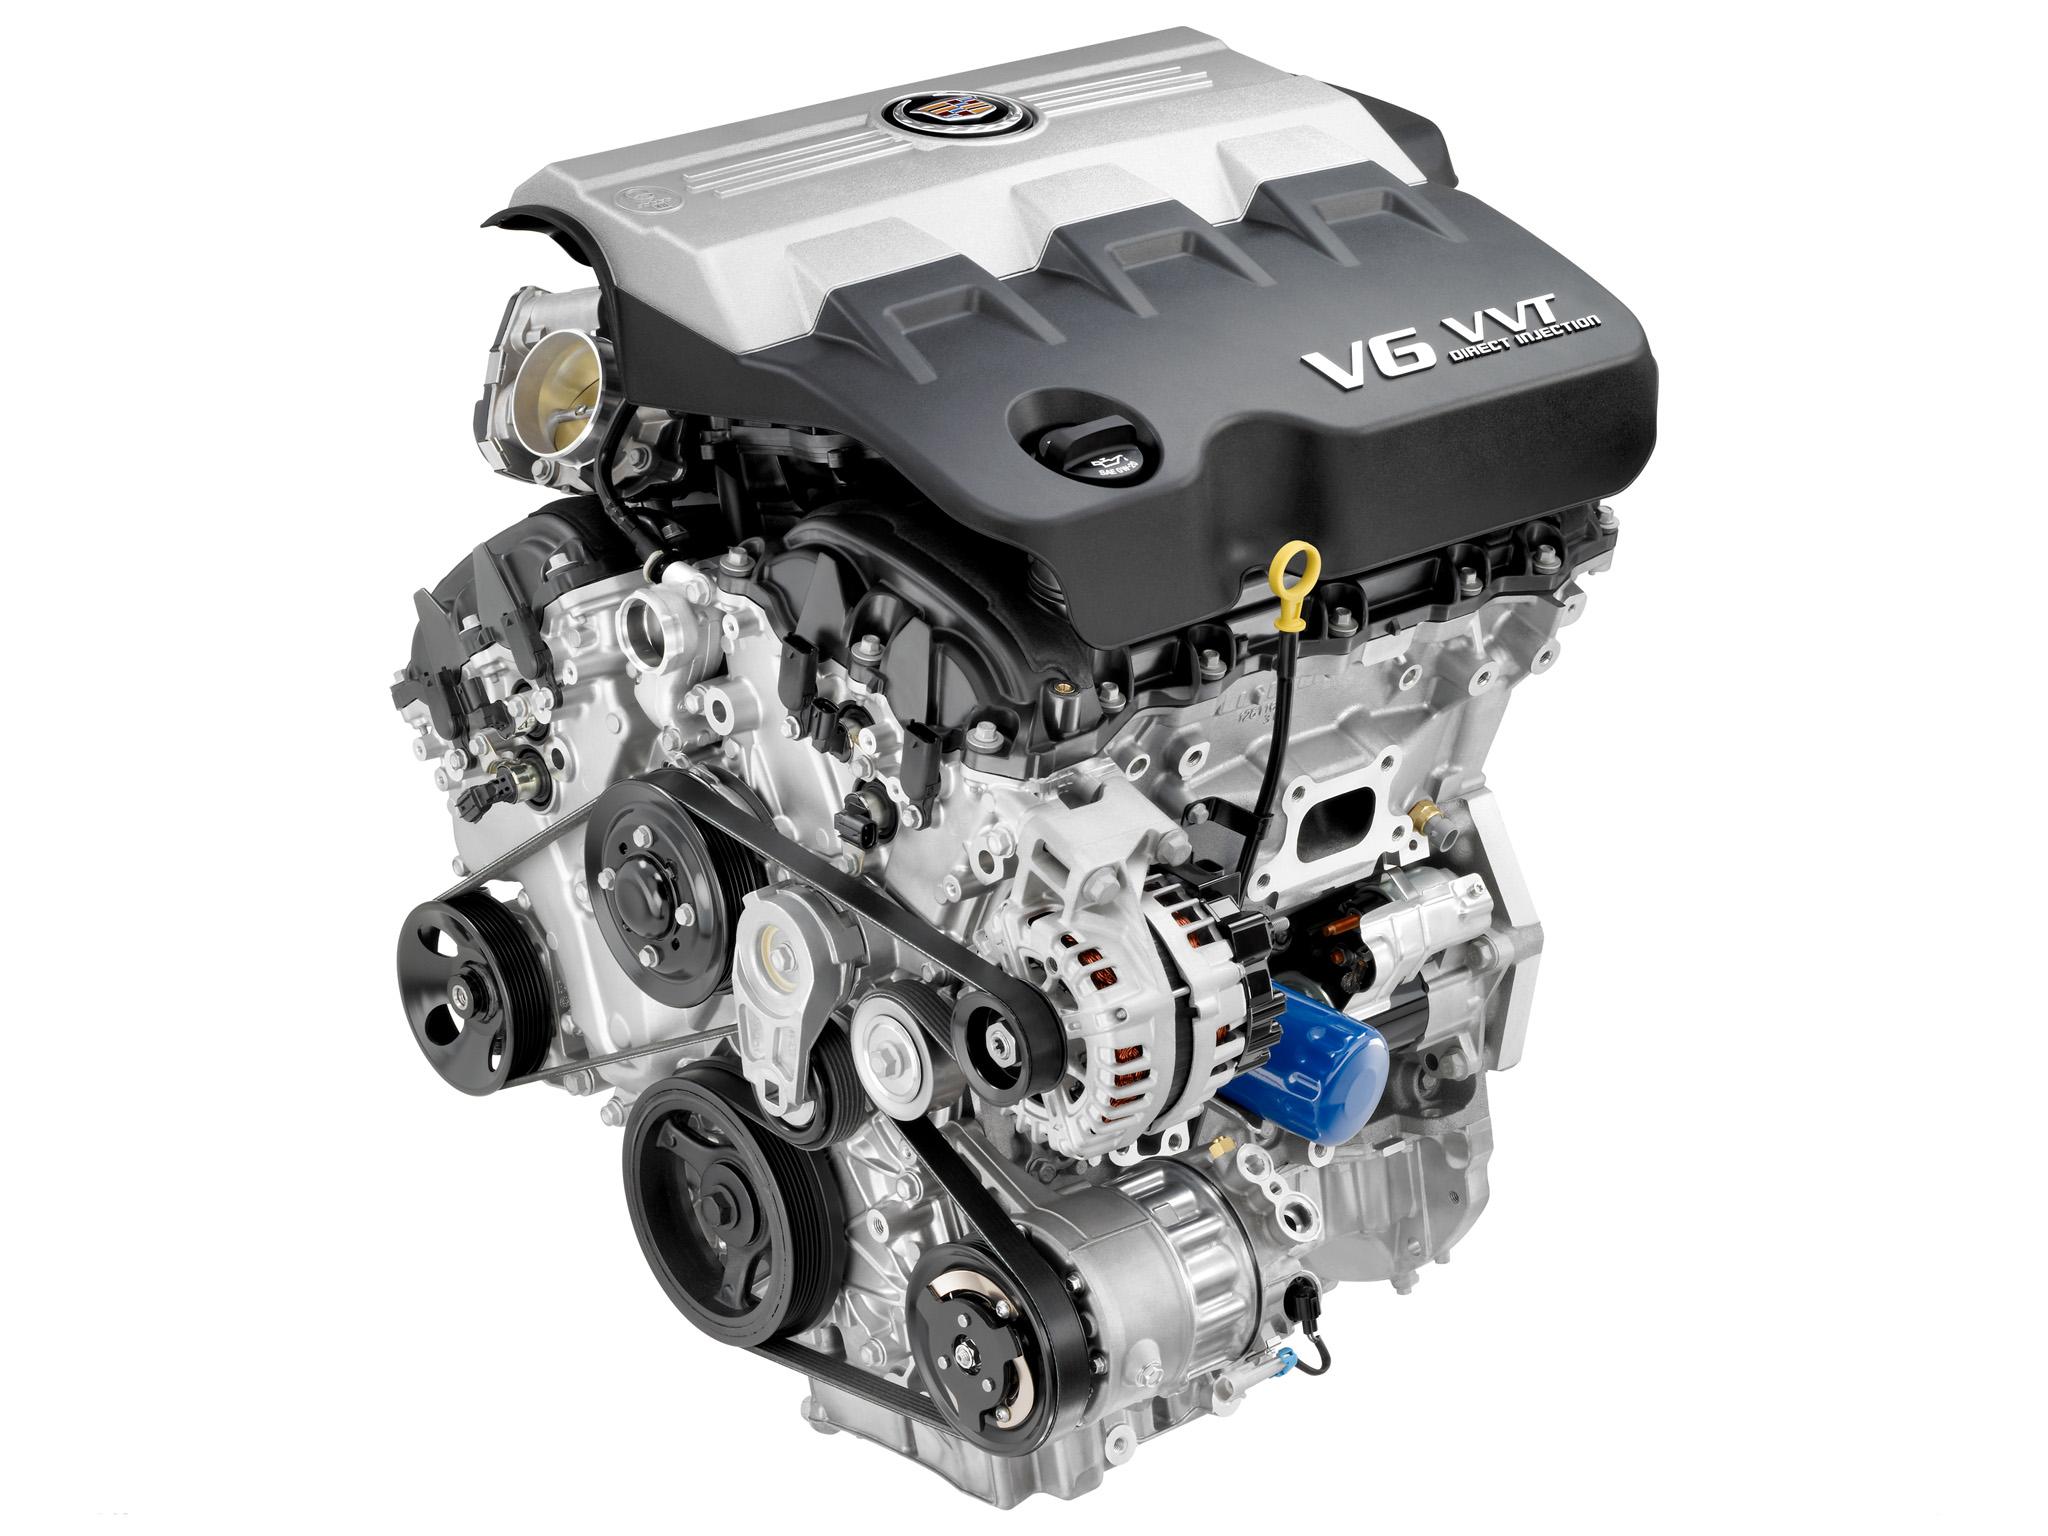 Купить двигатель в Костанае, бензин, дизель двс